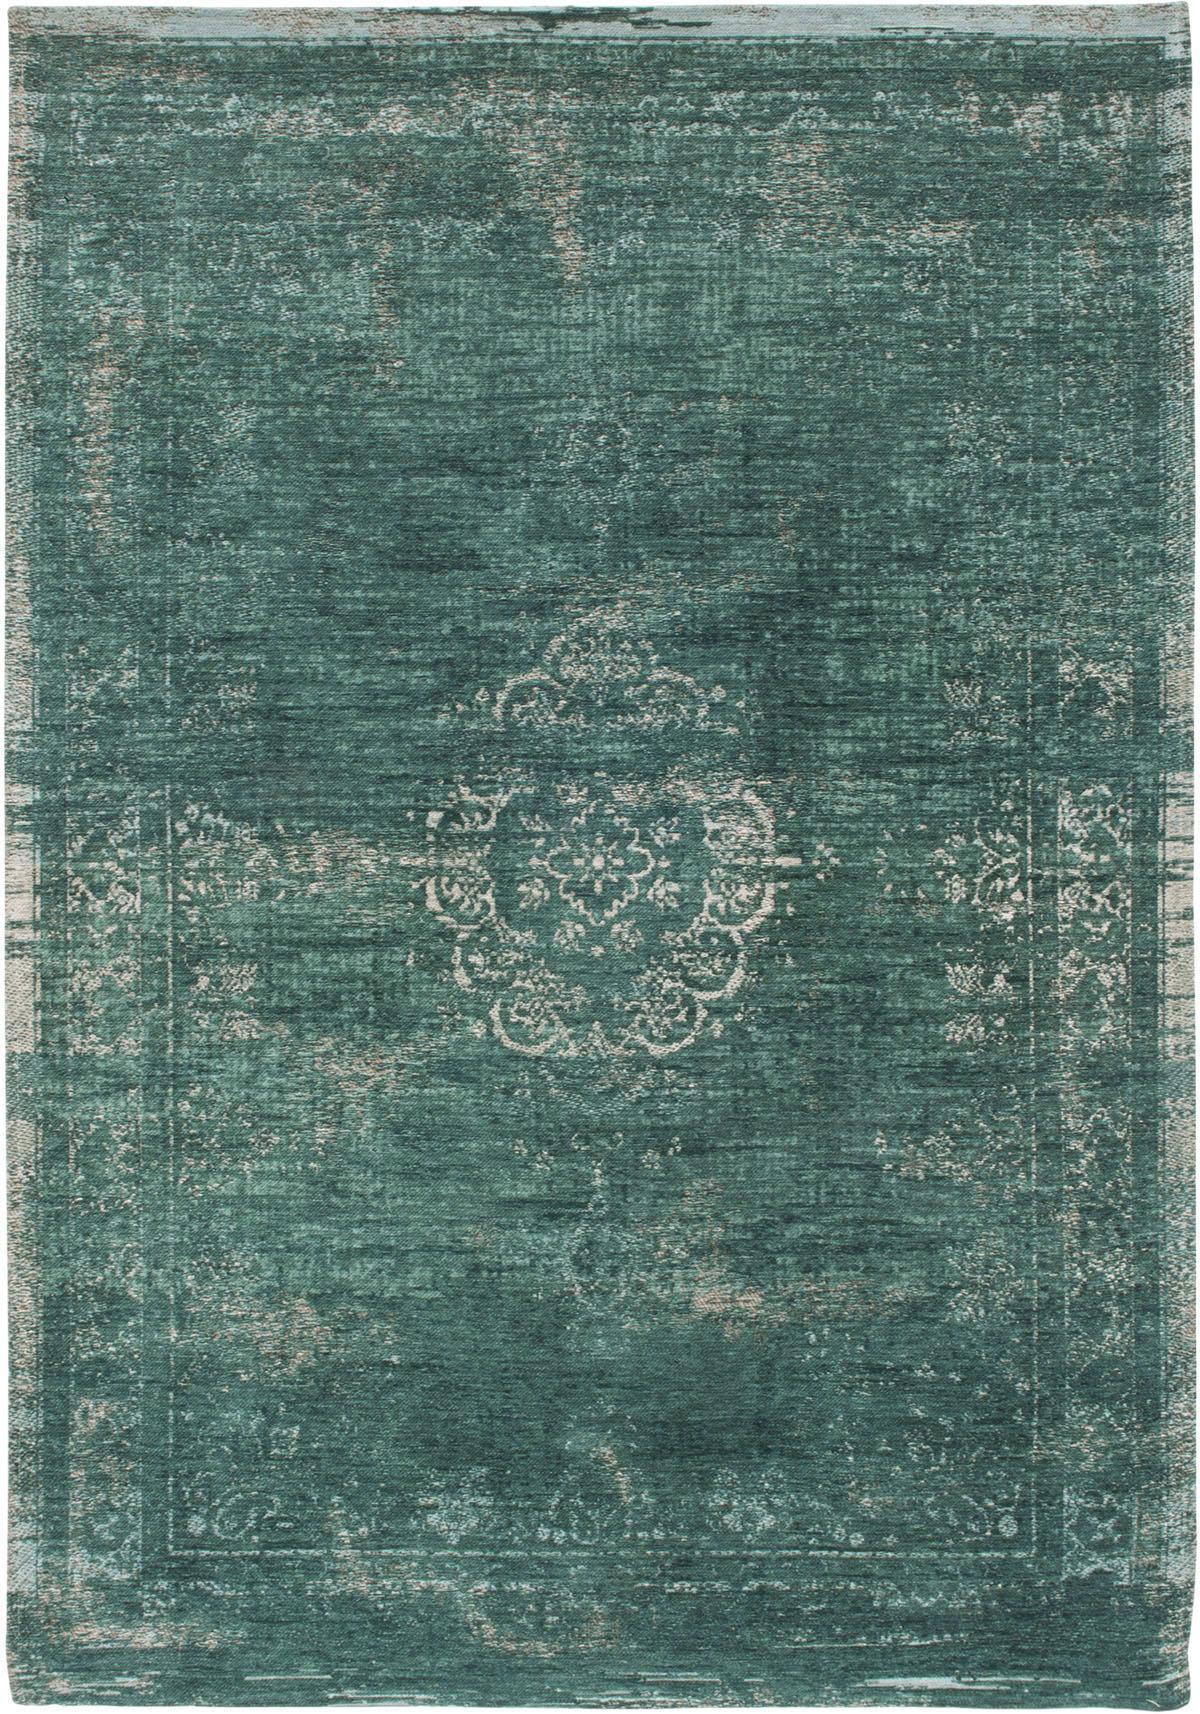 Zielony Dywan Klasyczny - JADE 8258 - Rozmiar: 170x240 cm